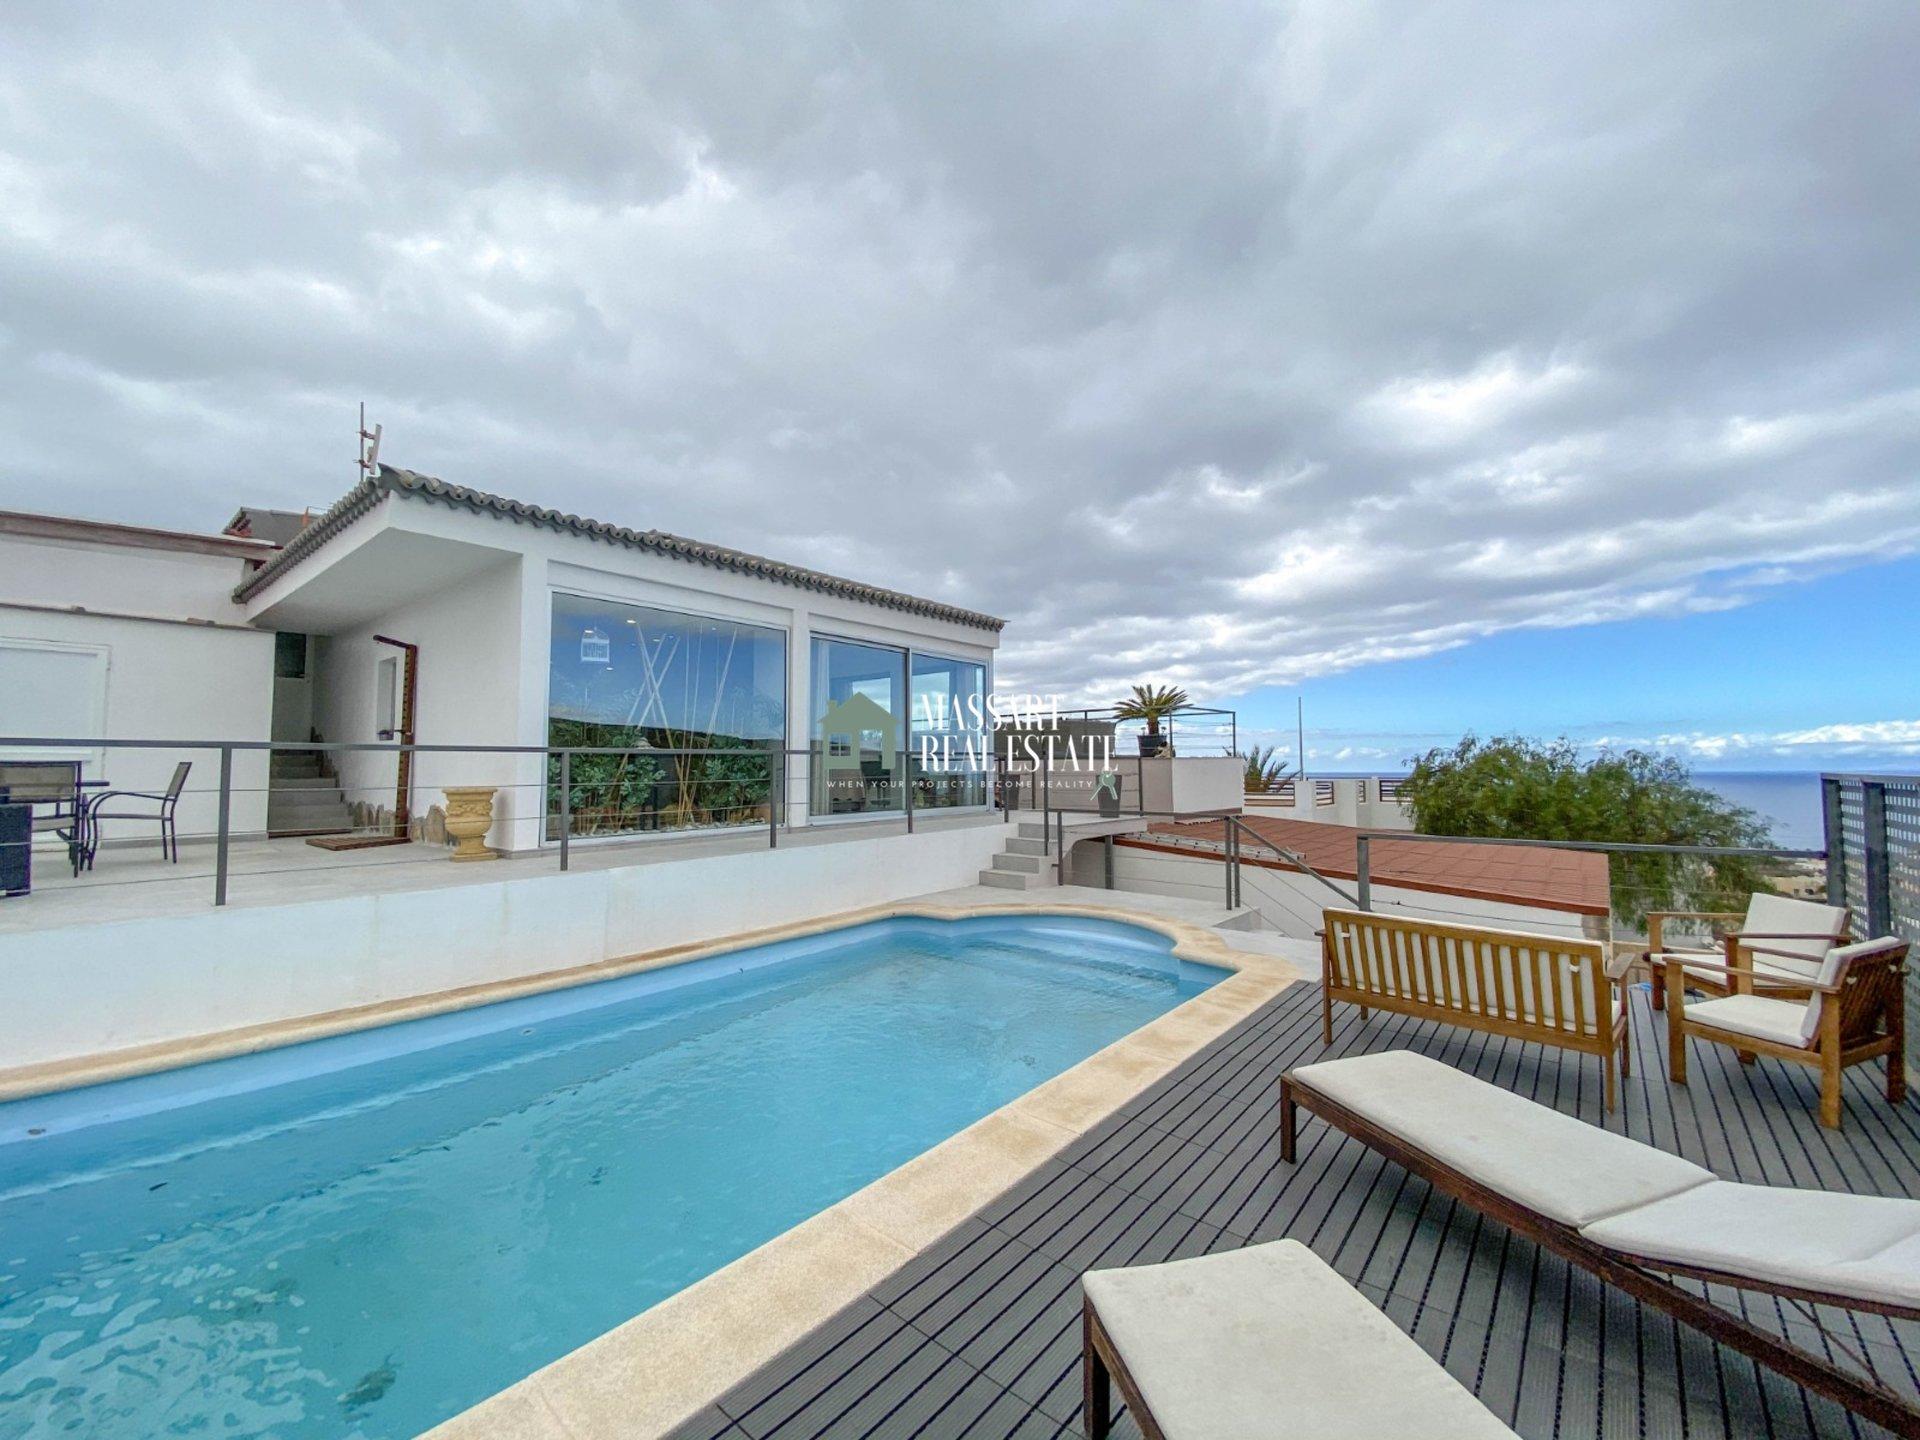 A vendre dans le quartier privilégié de PalmMar, magnifique villa située sur un grand terrain de 580 m2 ... gage d'intimité, de confort et de bonheur!